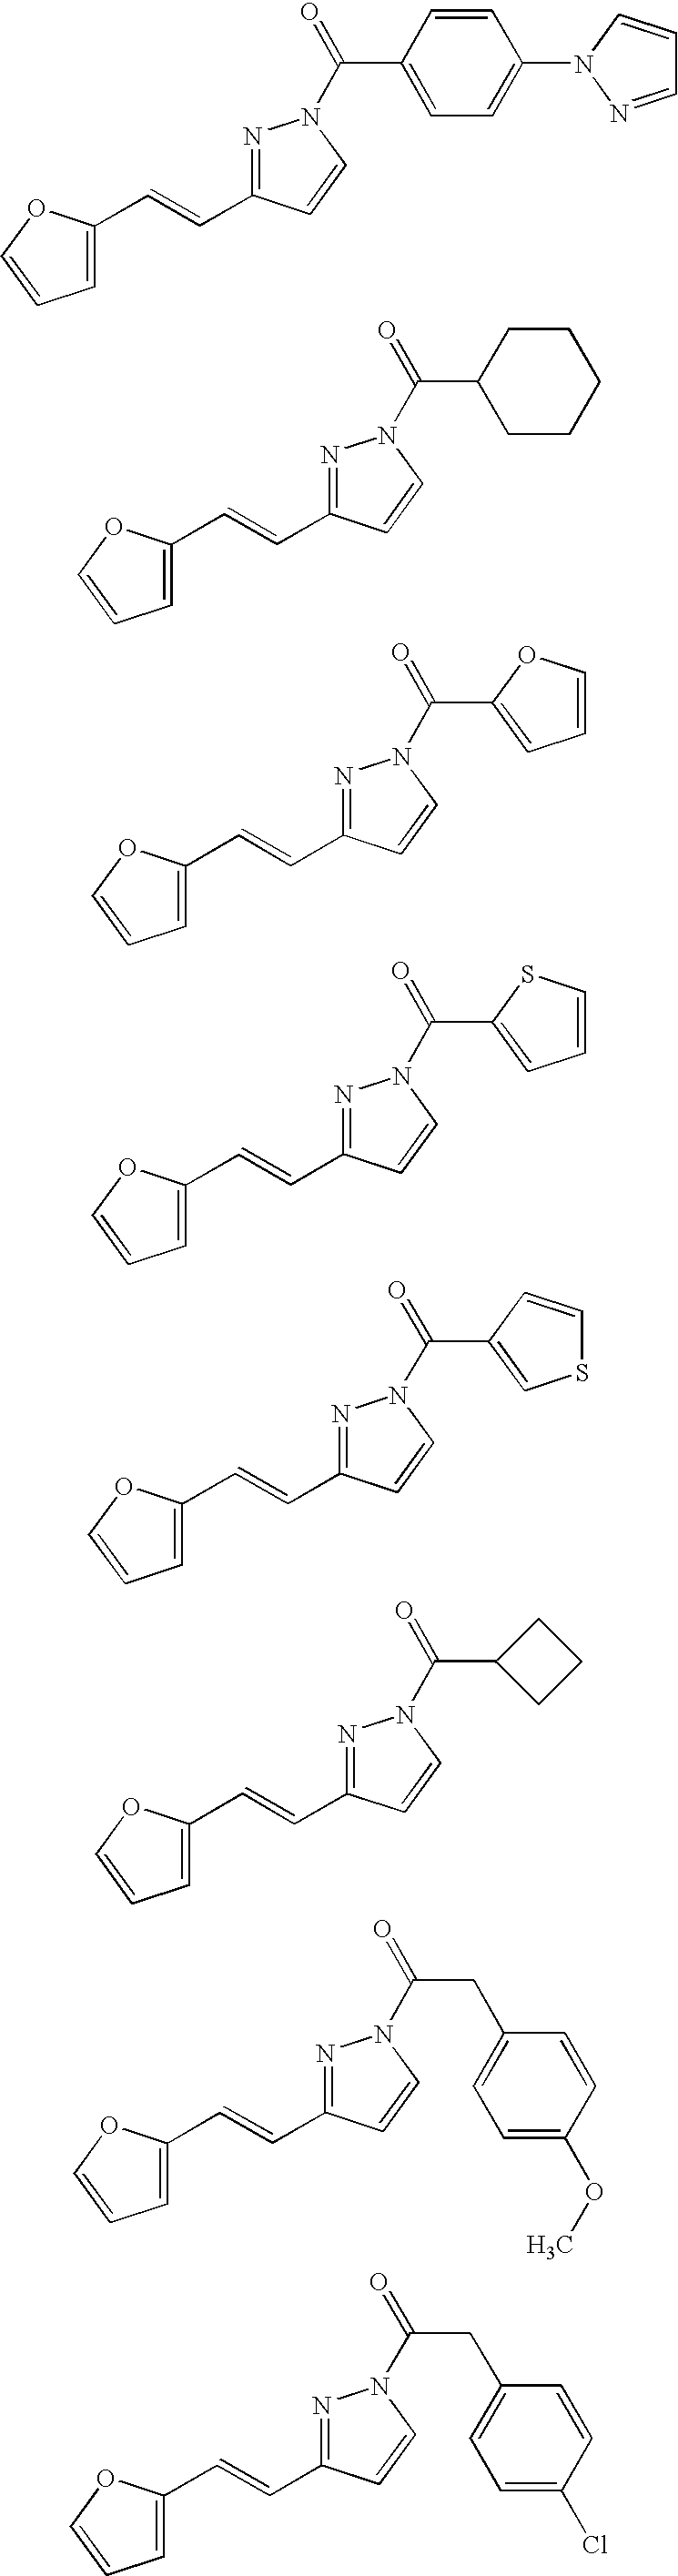 Figure US07192976-20070320-C00072